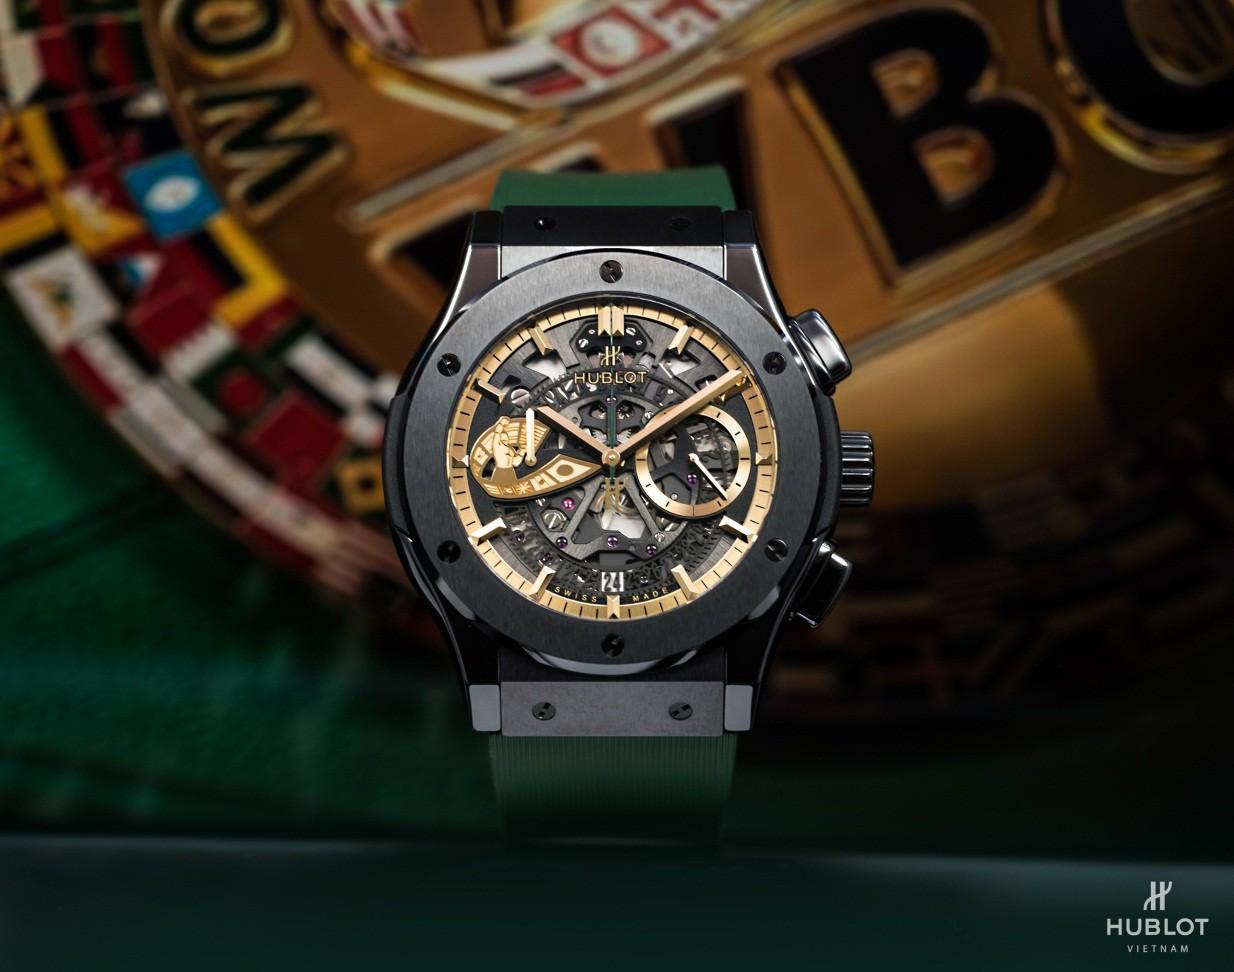 Dấu ấn Việt Nam trên chiếc đồng hồ Hublot Classic Fusion WBC độc bản - Ảnh 2.